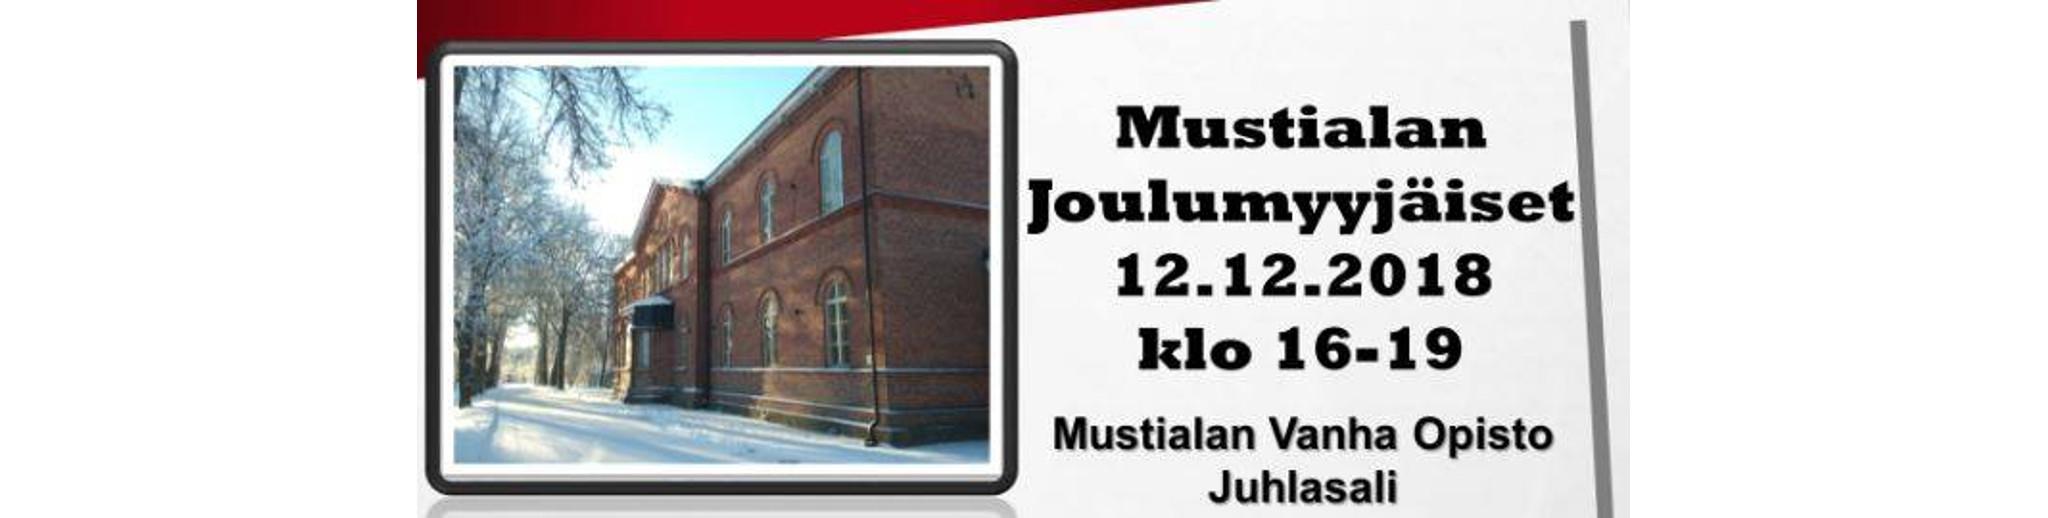 Tervetuloa Mustialan perinteisiin Joulumyyjäisiin 12.12.2018, klo. 16-19!